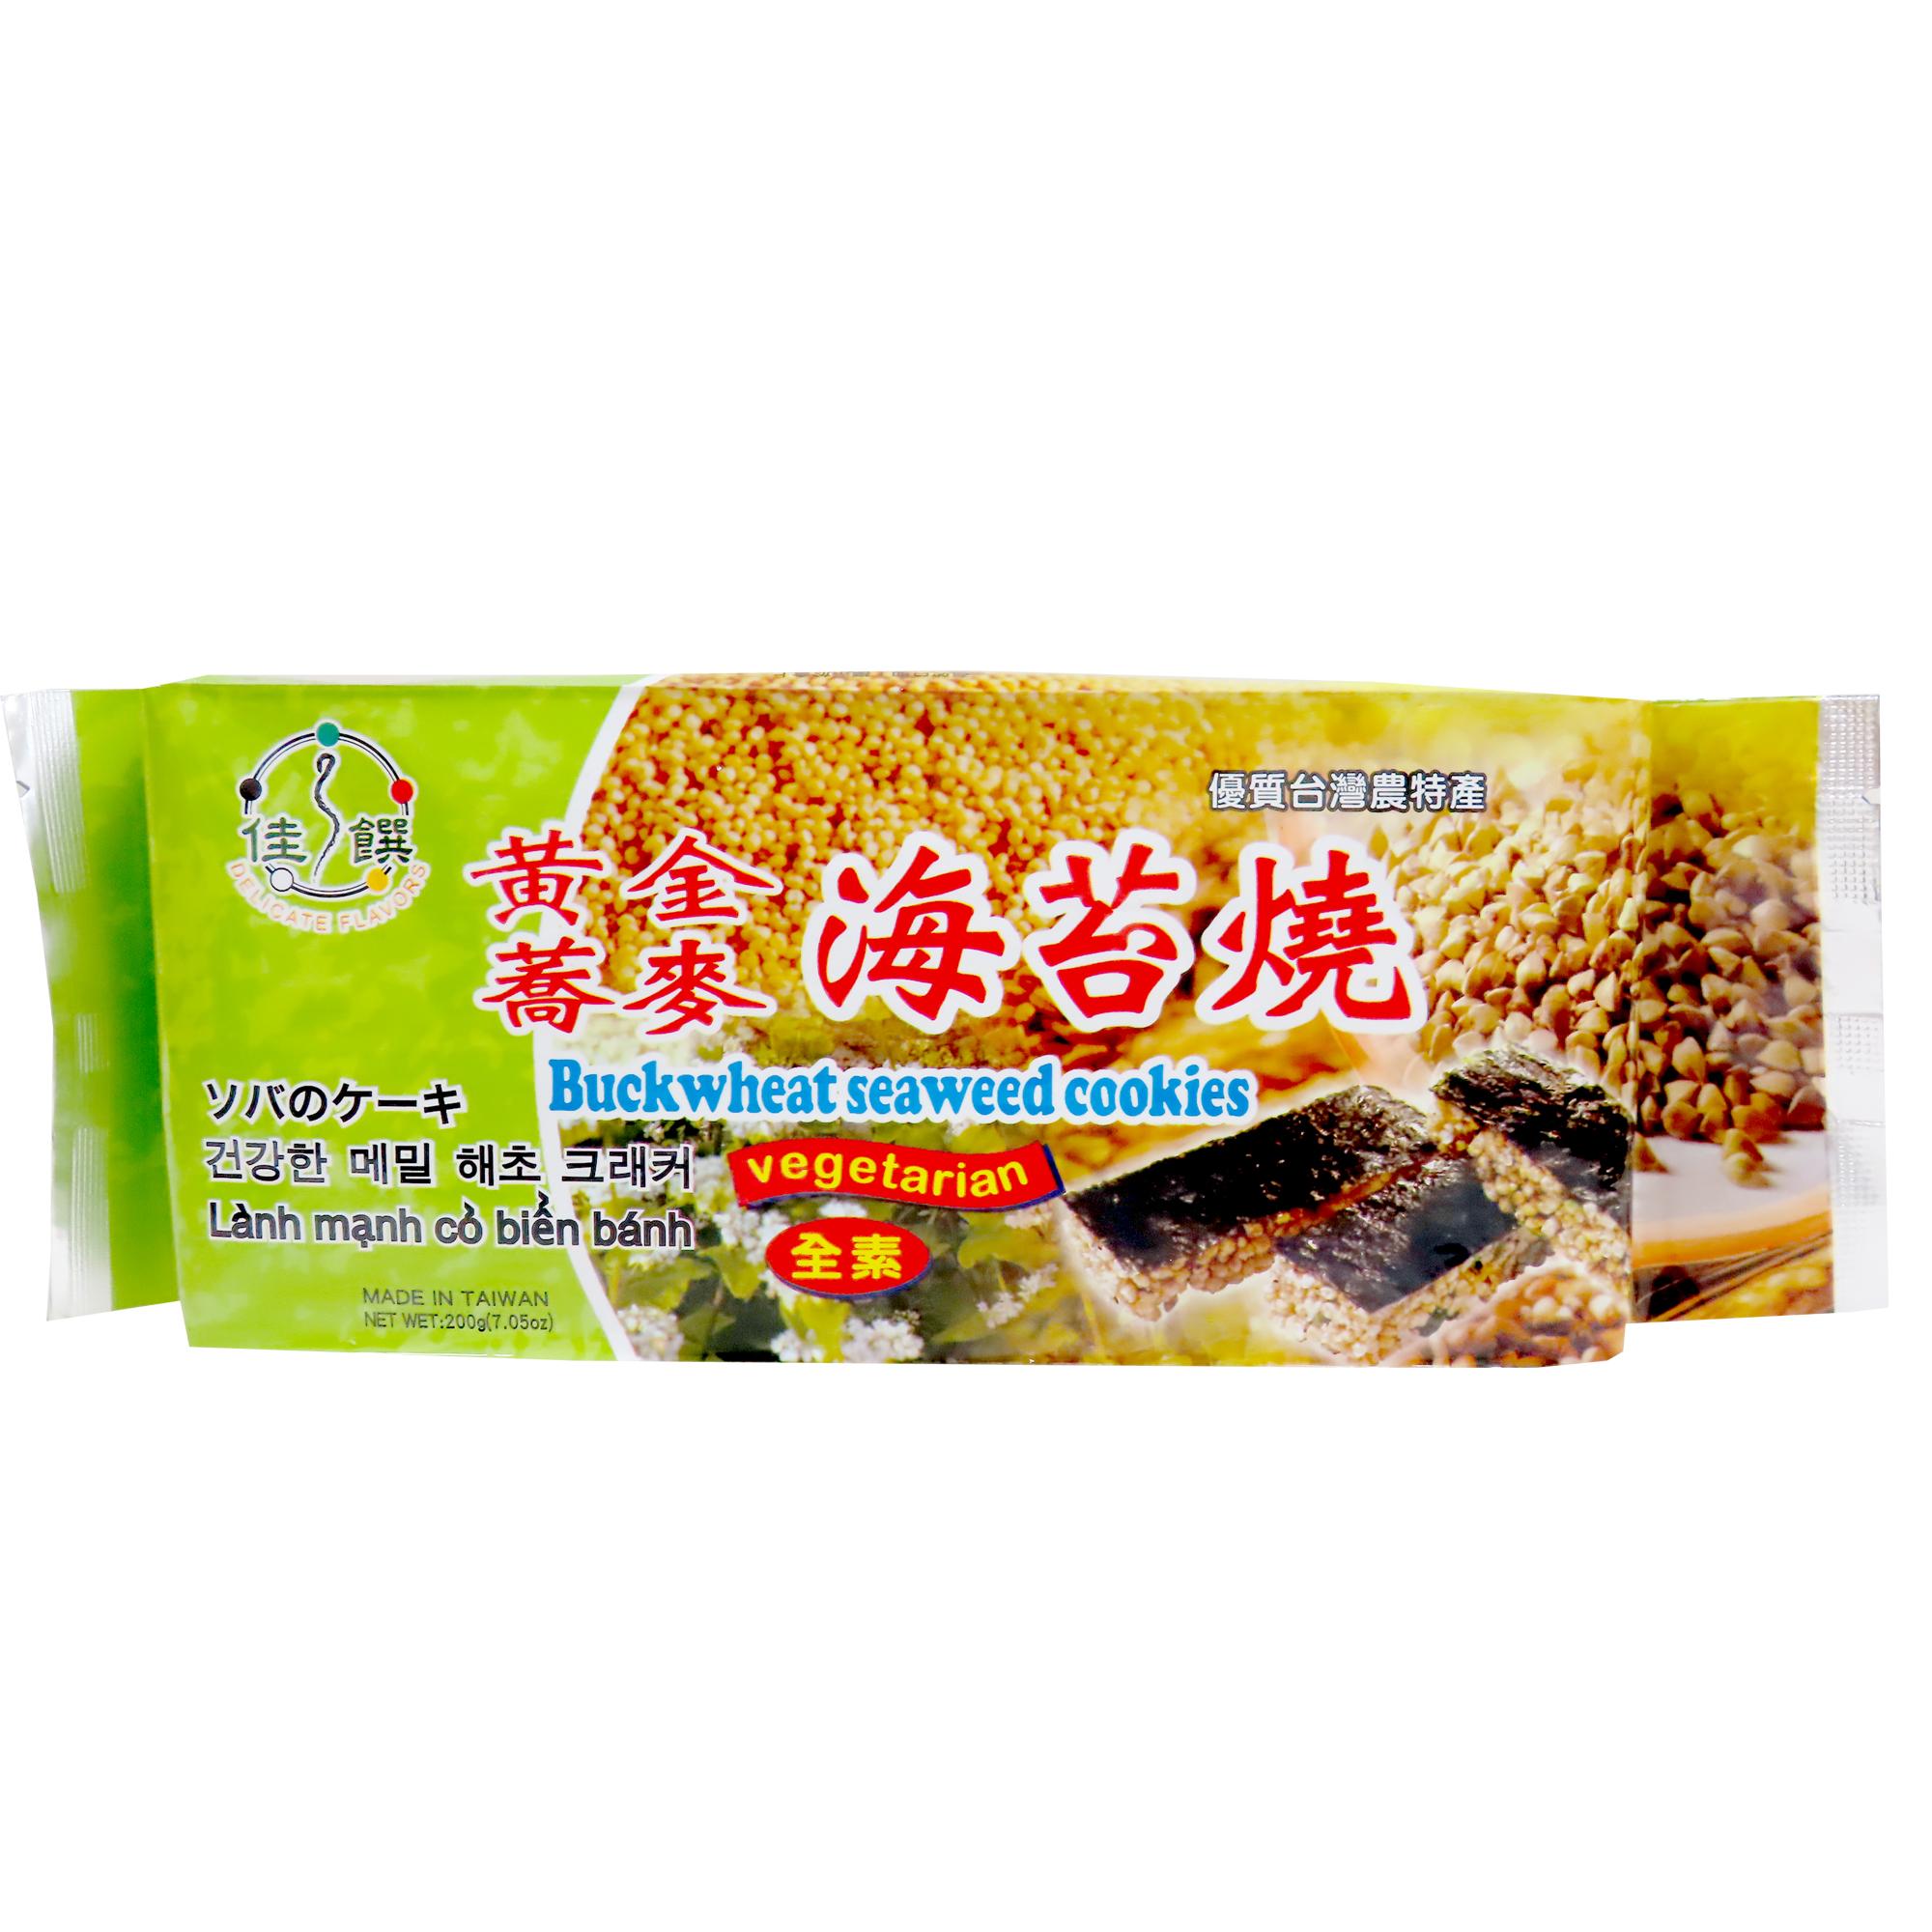 Image Buckwheat Seaweed Cookies 慈缘-荞麦海苔烧 200 grams